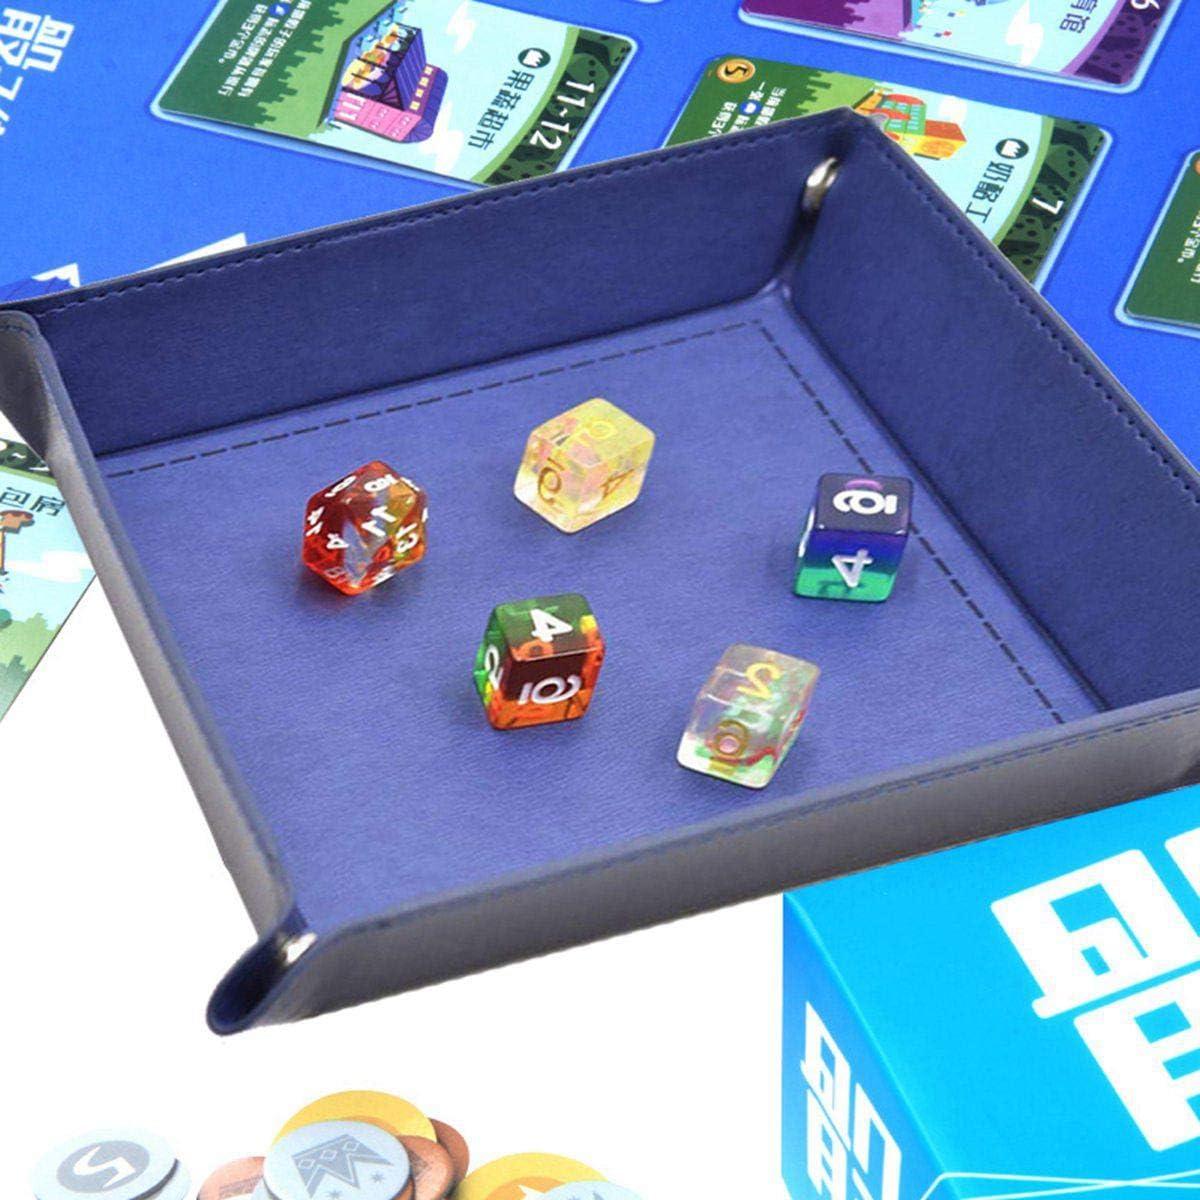 Samt Faltbar W/ürfelteller Doppelseitig W/ürfelbrett f/ür Rollenspiele Ablageschale RPG DND und Tischspiele W/ürfelspiele PASDD PU Leder Dice Tray